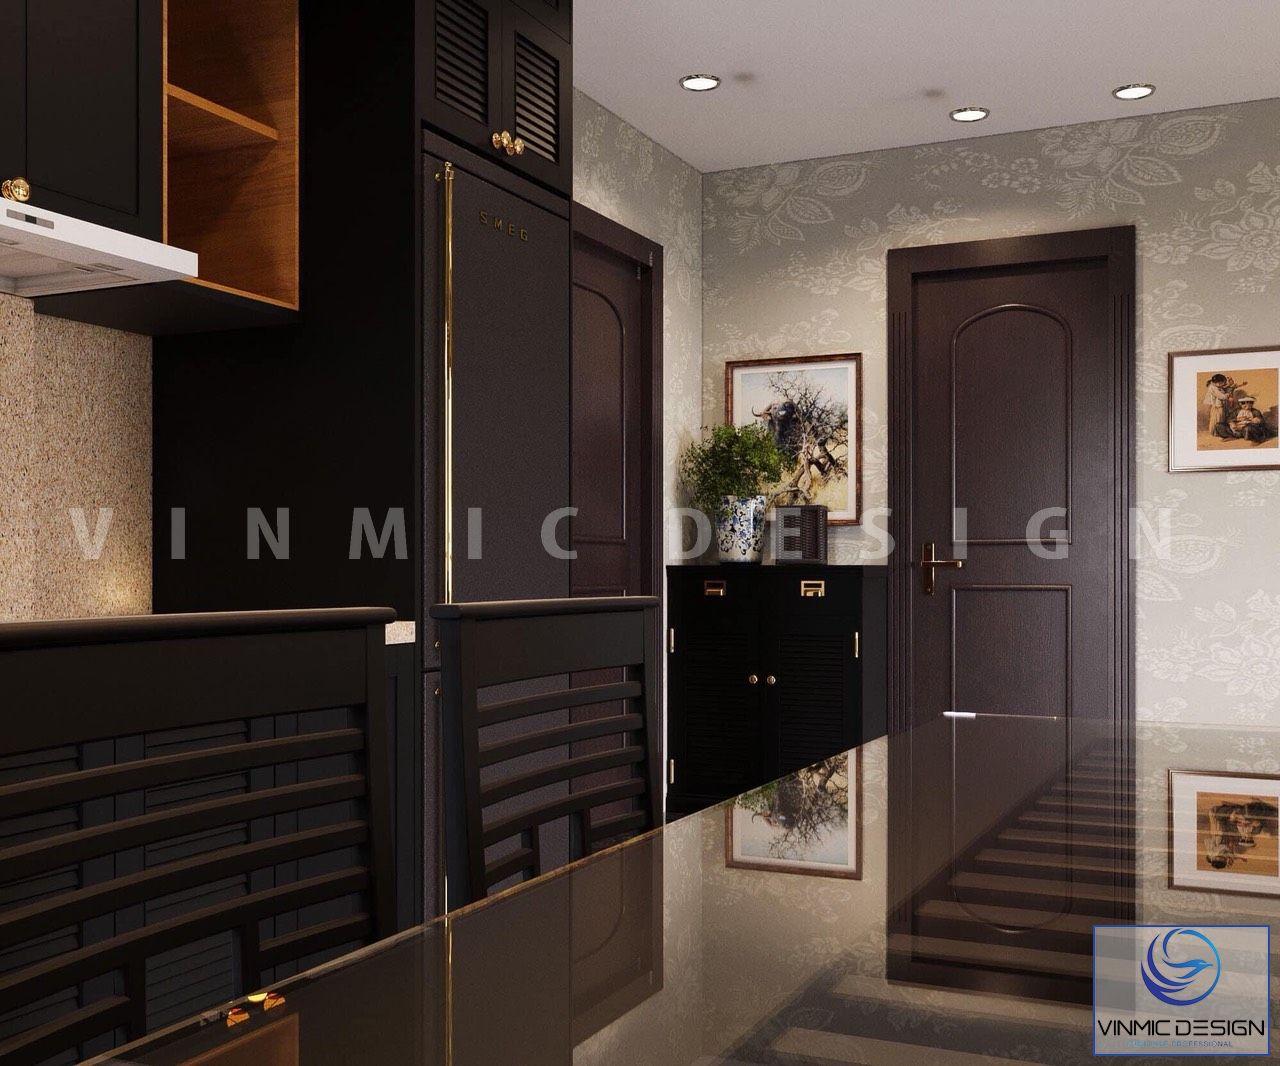 Thiết kế nội thất phong cách Á Đông đẹp